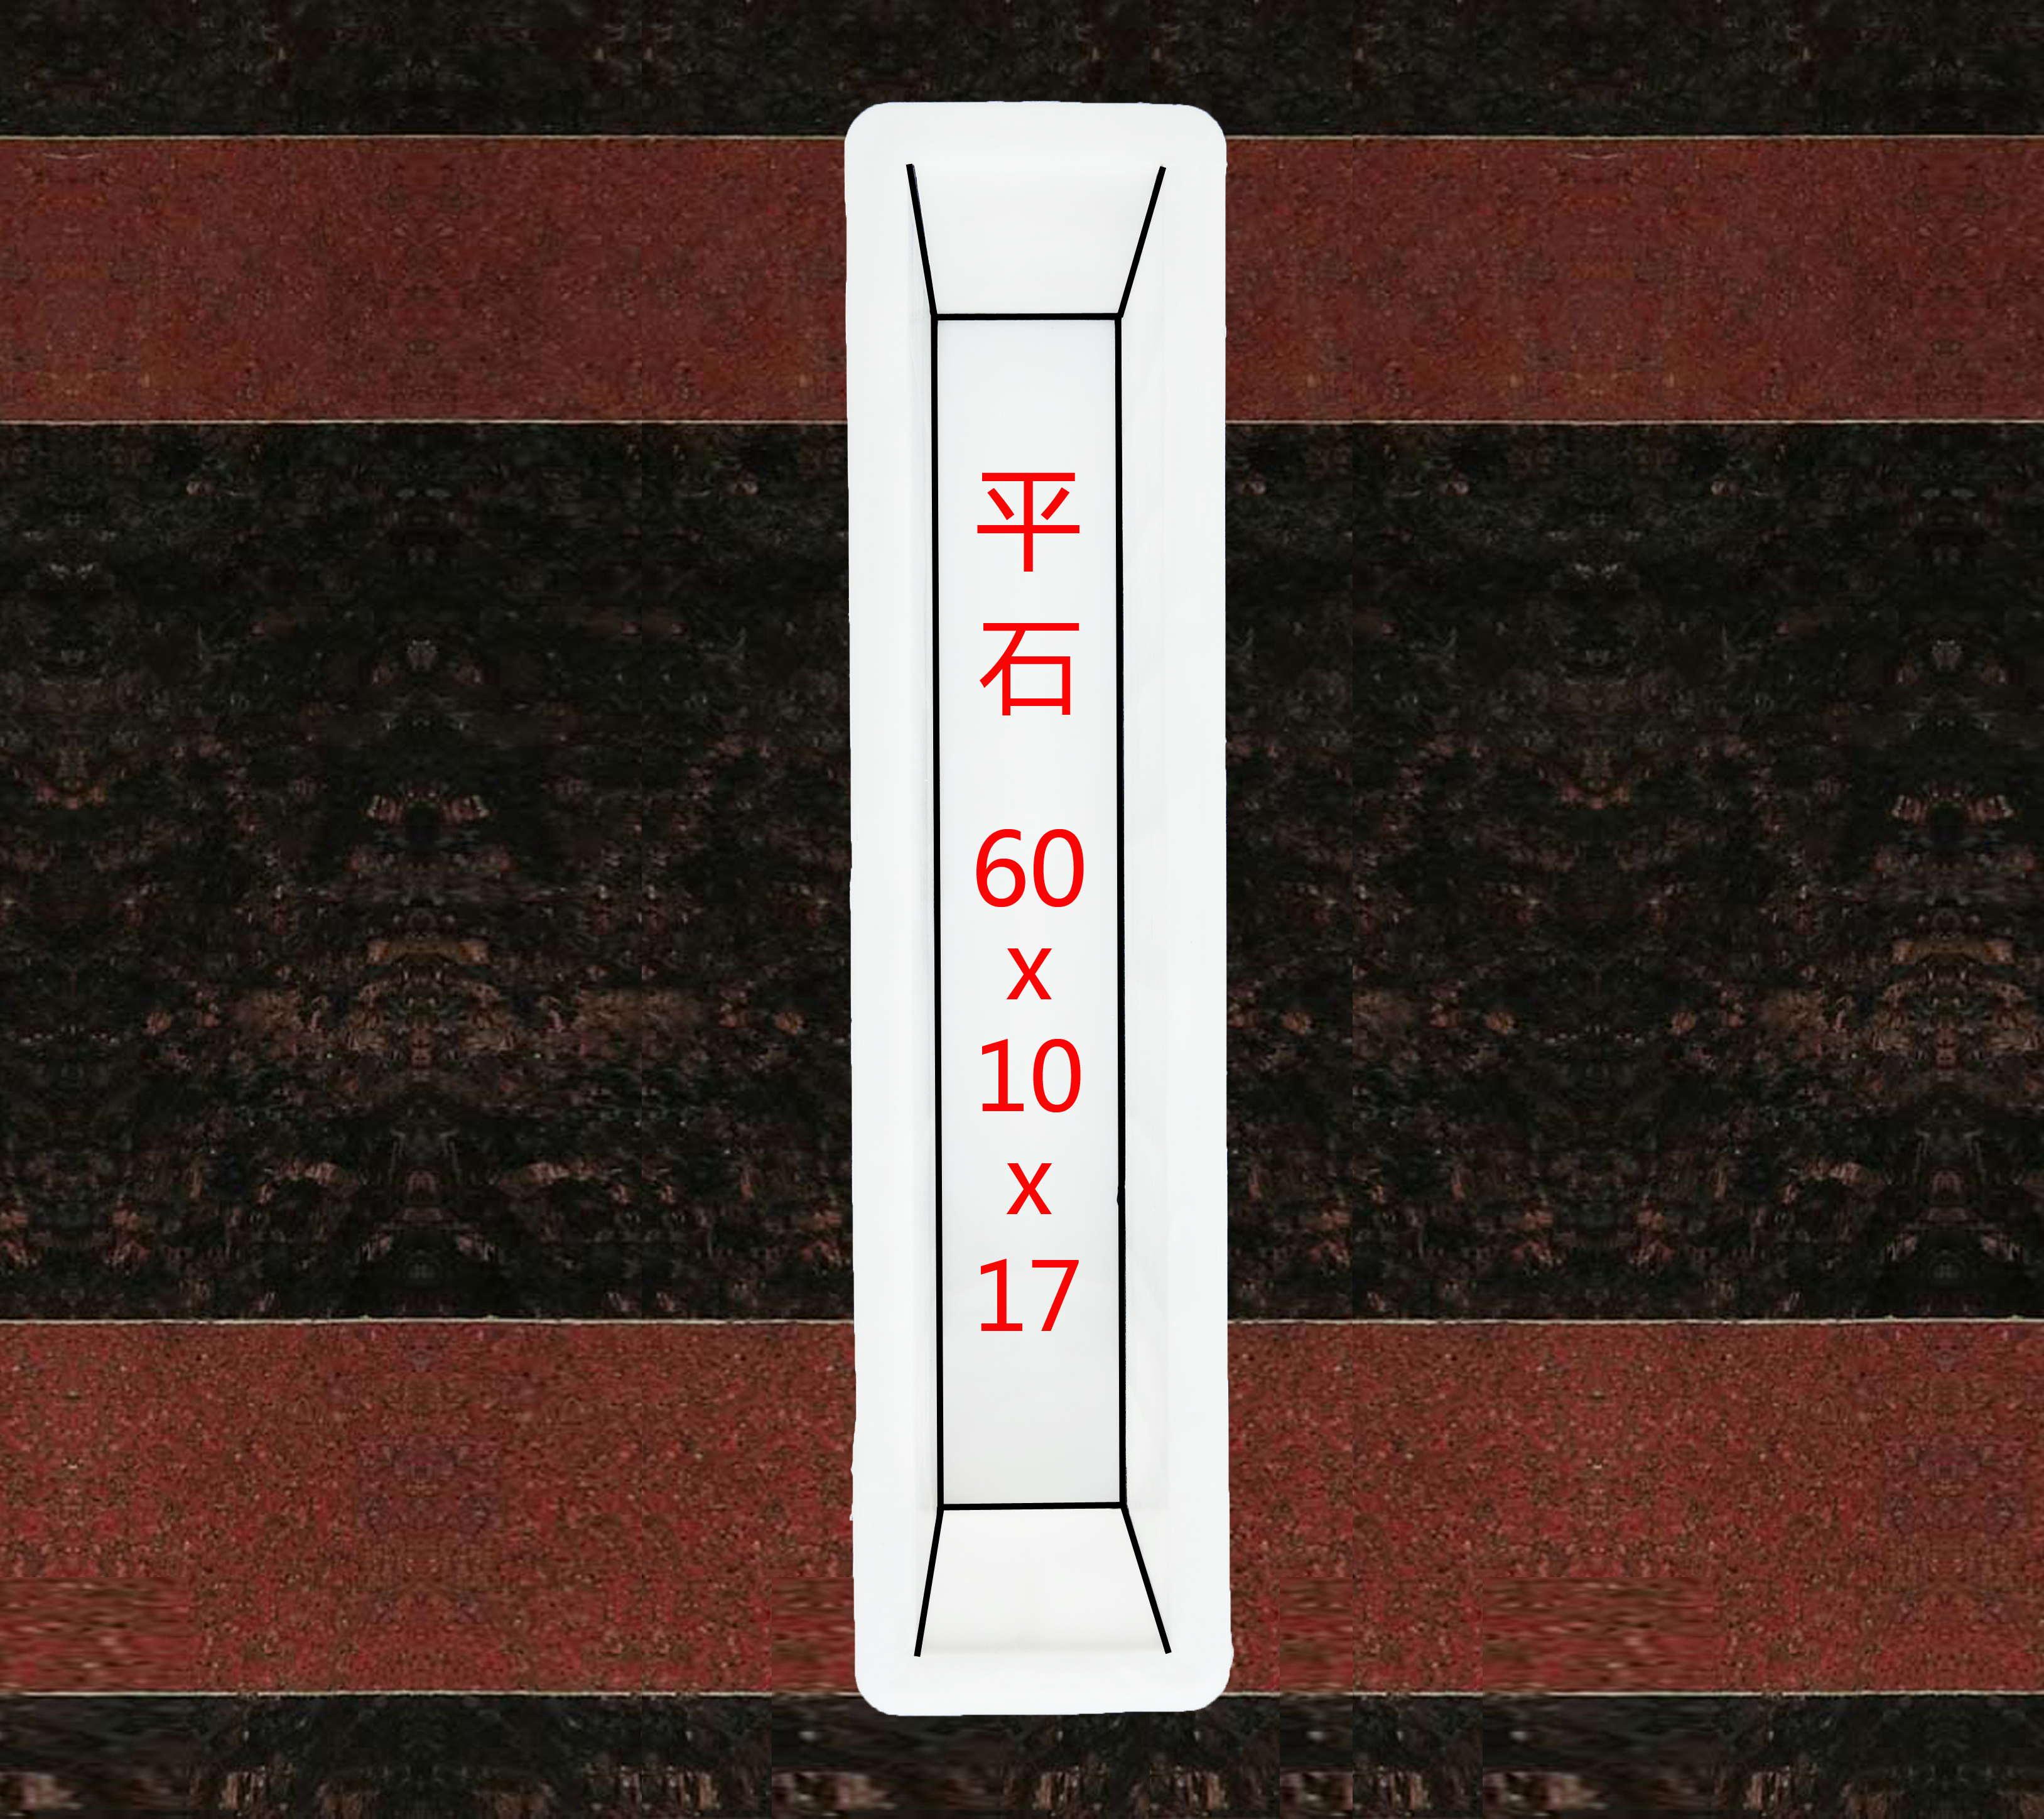 平石:60x10x17